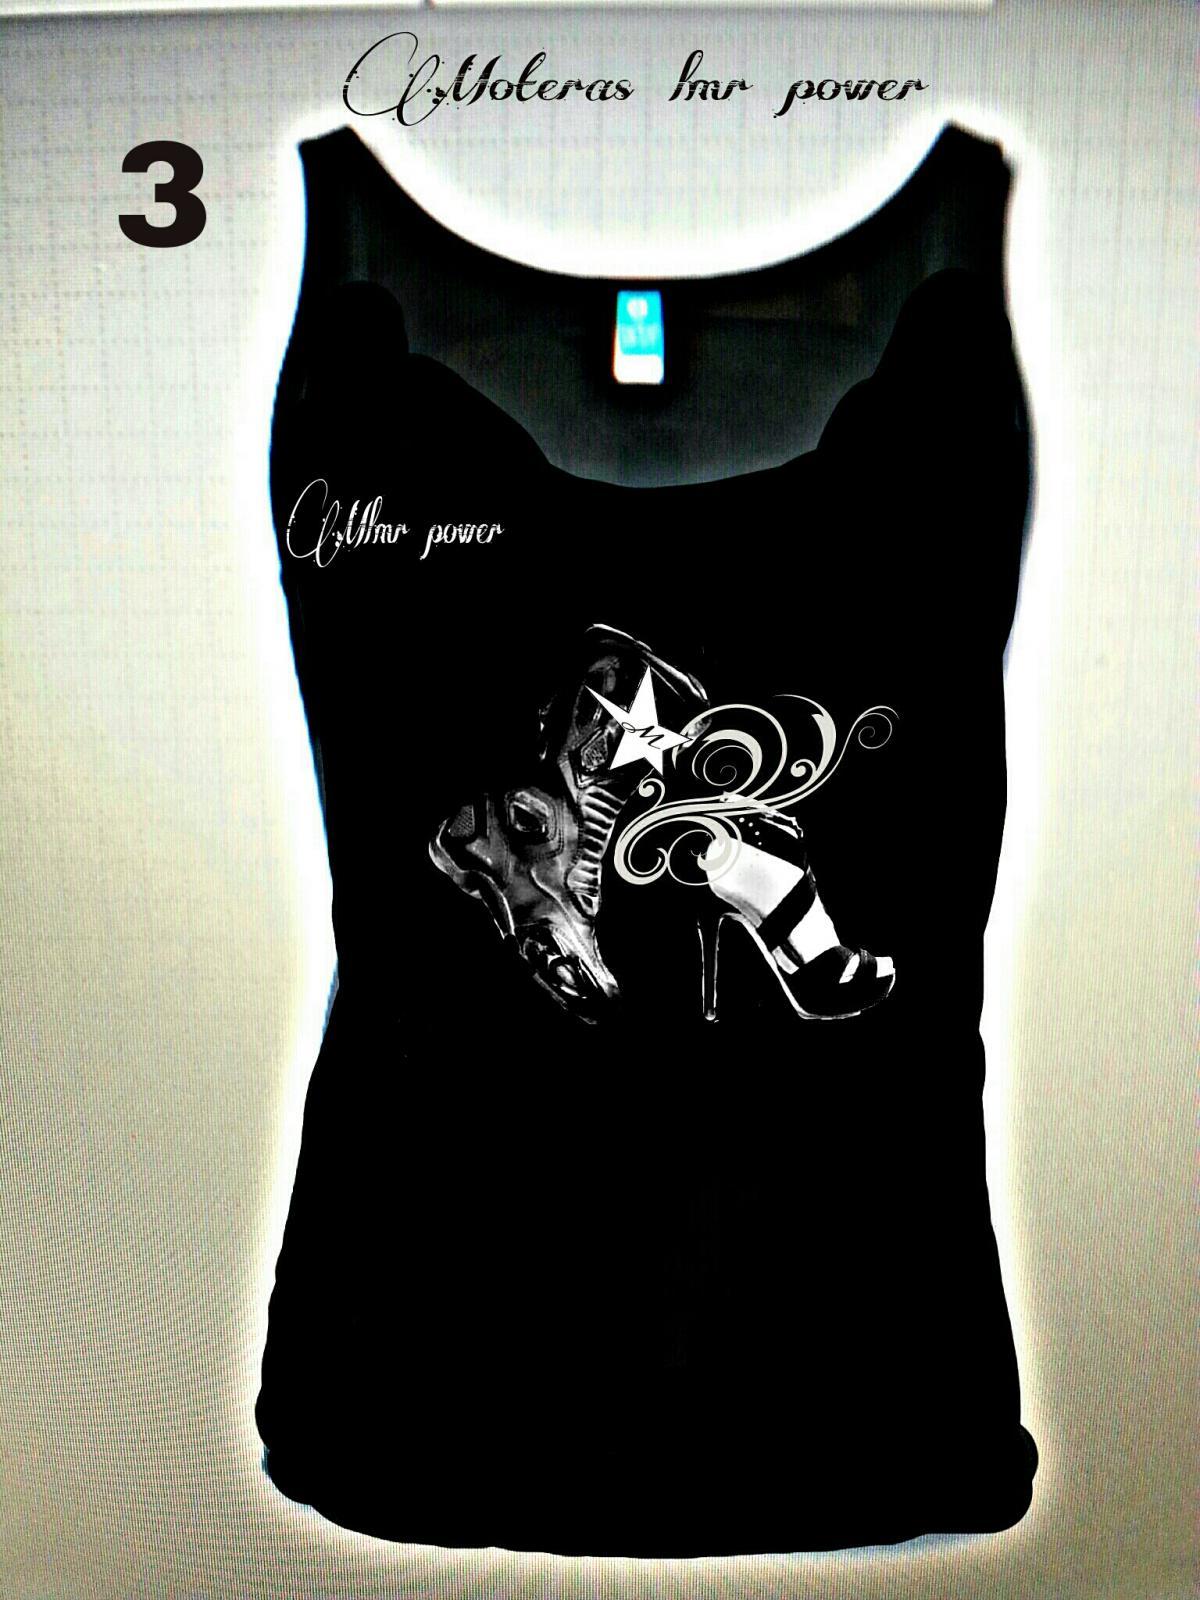 Camiseta Moter@s , MODELO 3  bota